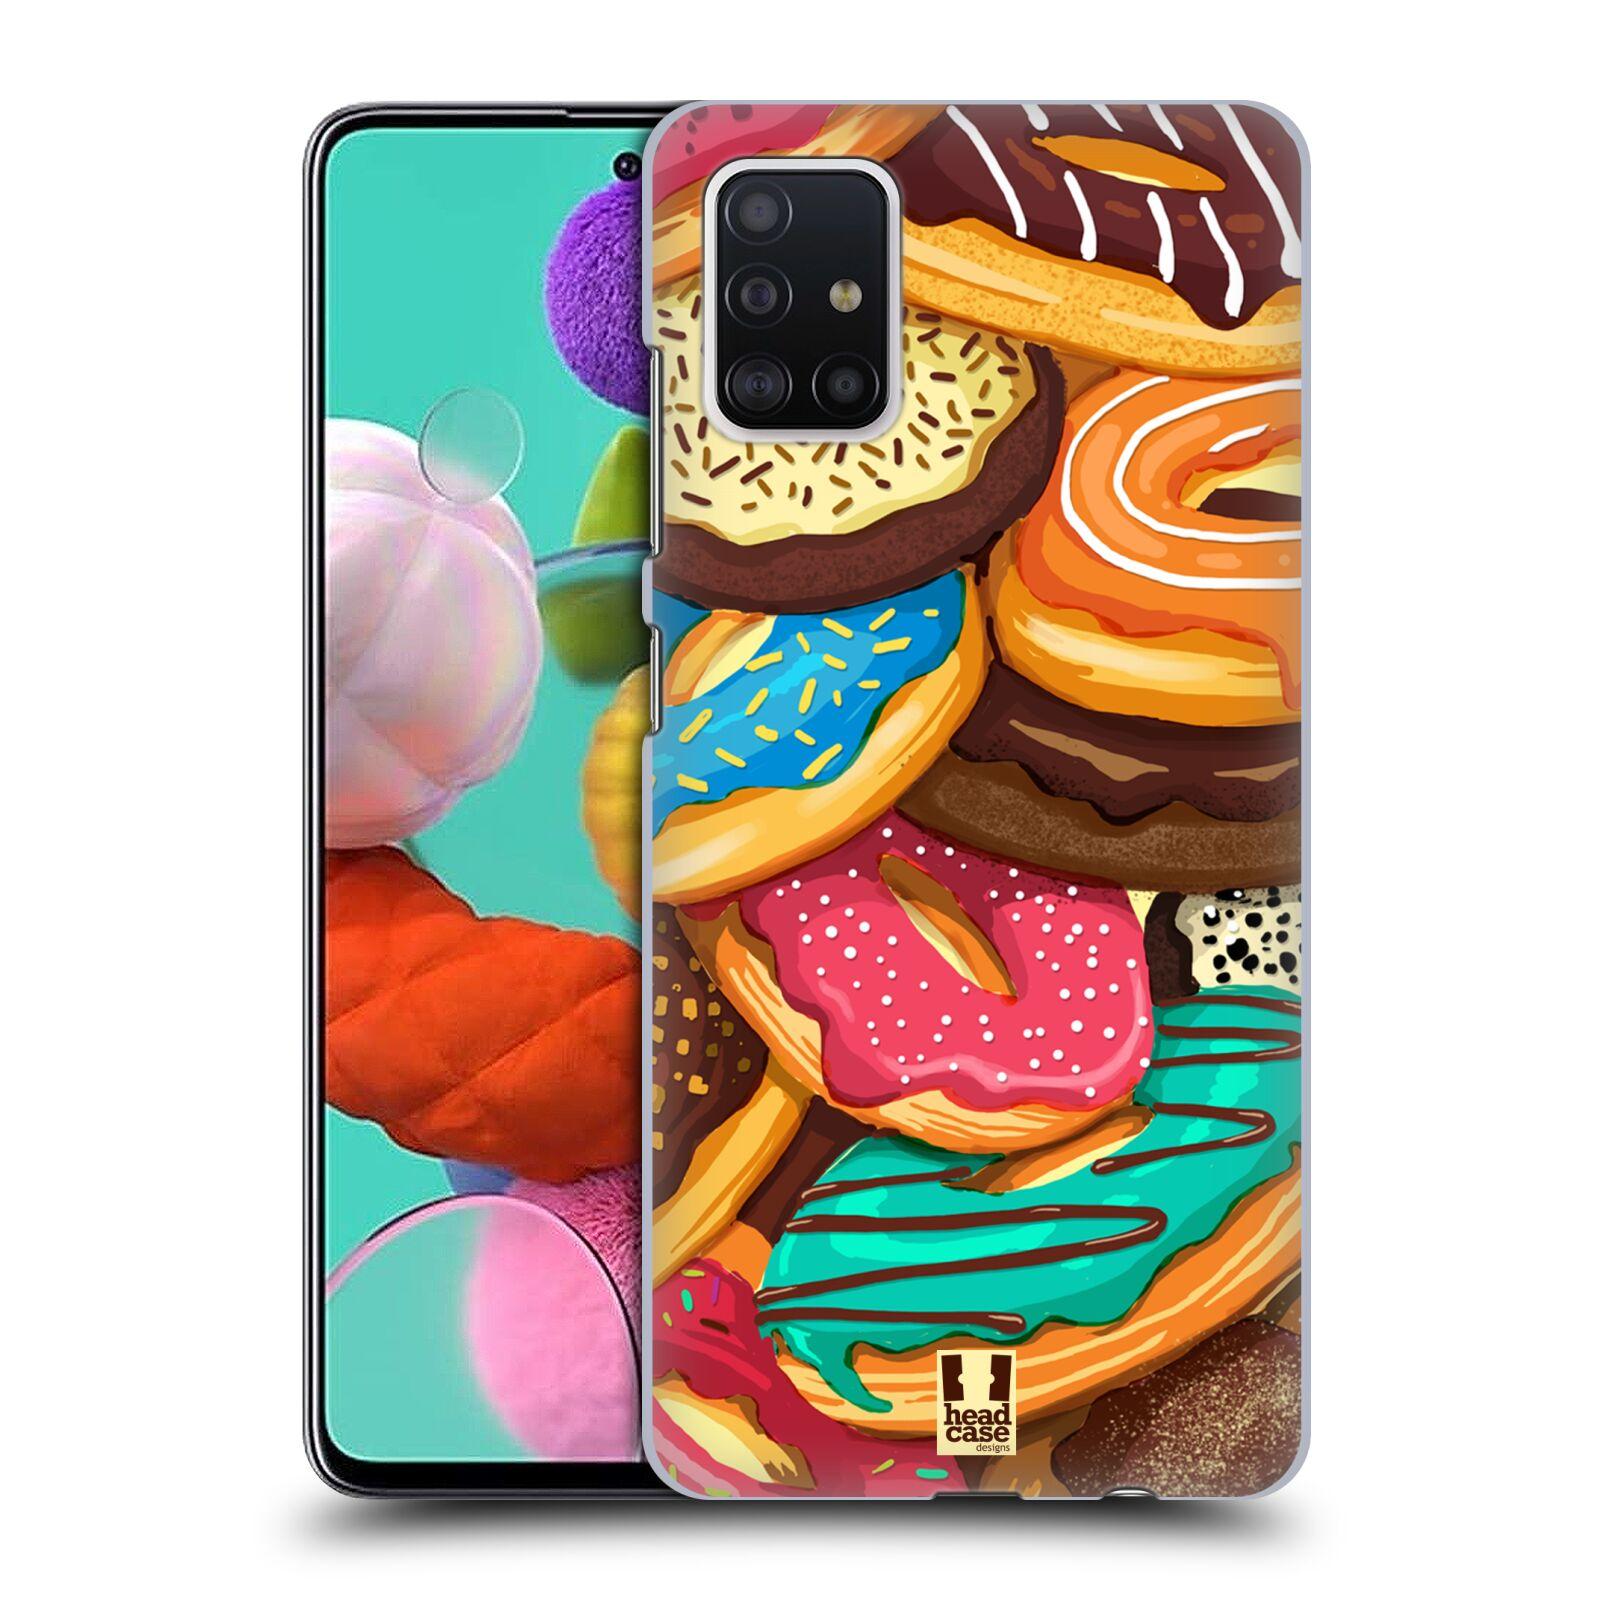 Plastové pouzdro na mobil Samsung Galaxy A51 - Head Case - DONUTKY VŠUDE